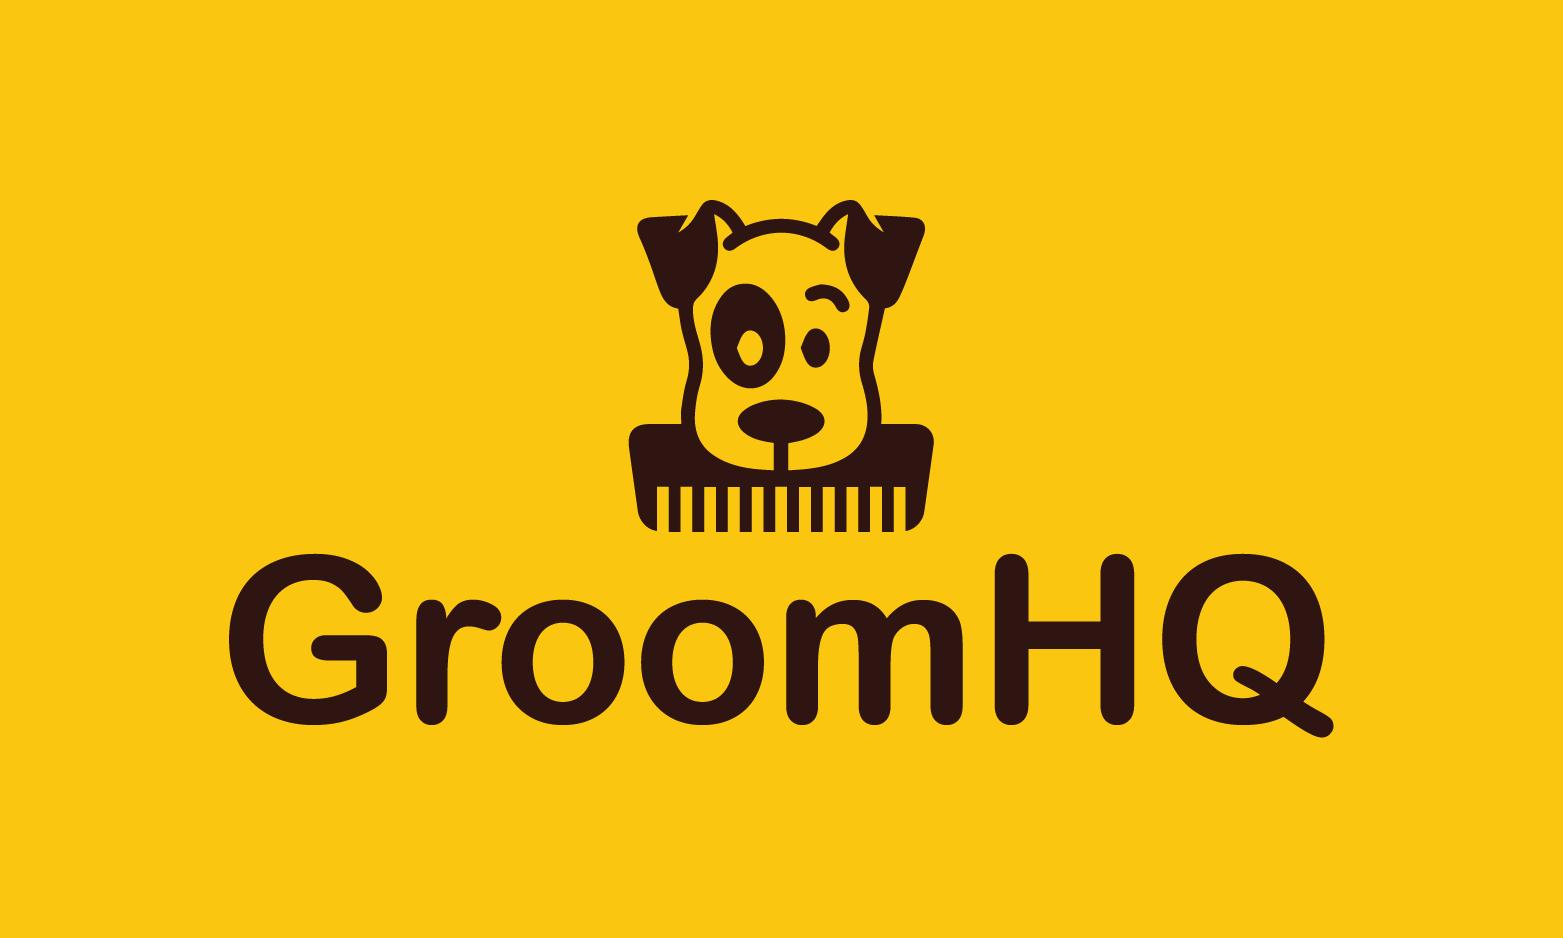 GroomHQ.com